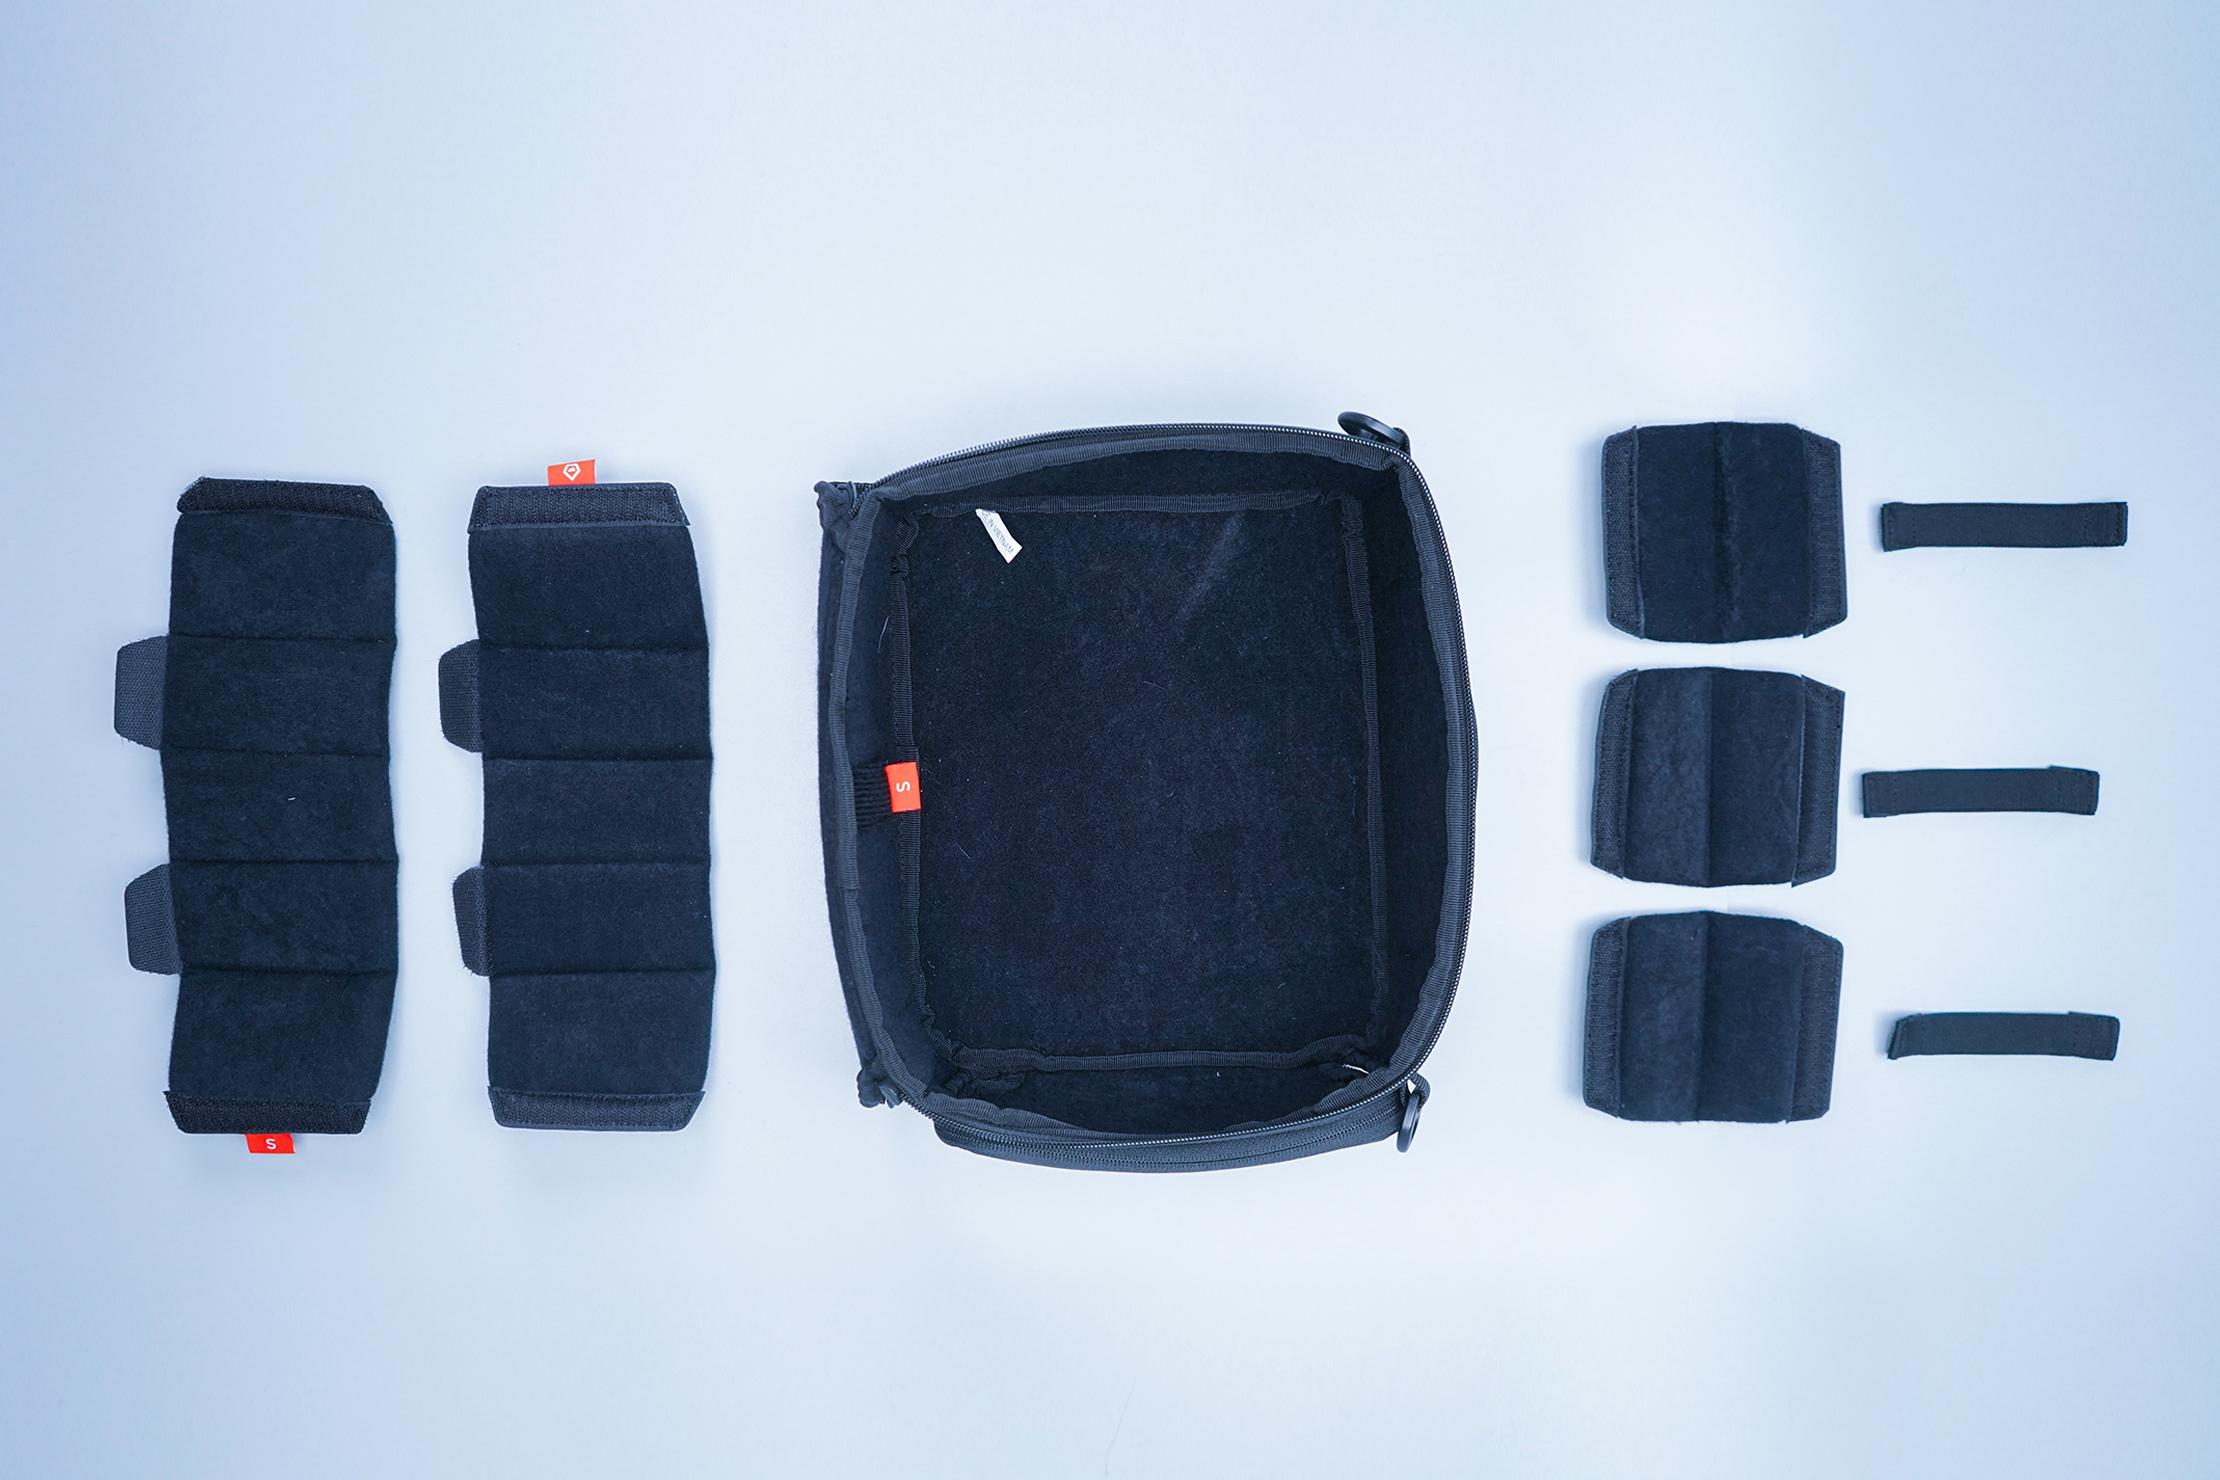 WANDRD Essential Deep Camera Cube Compartments